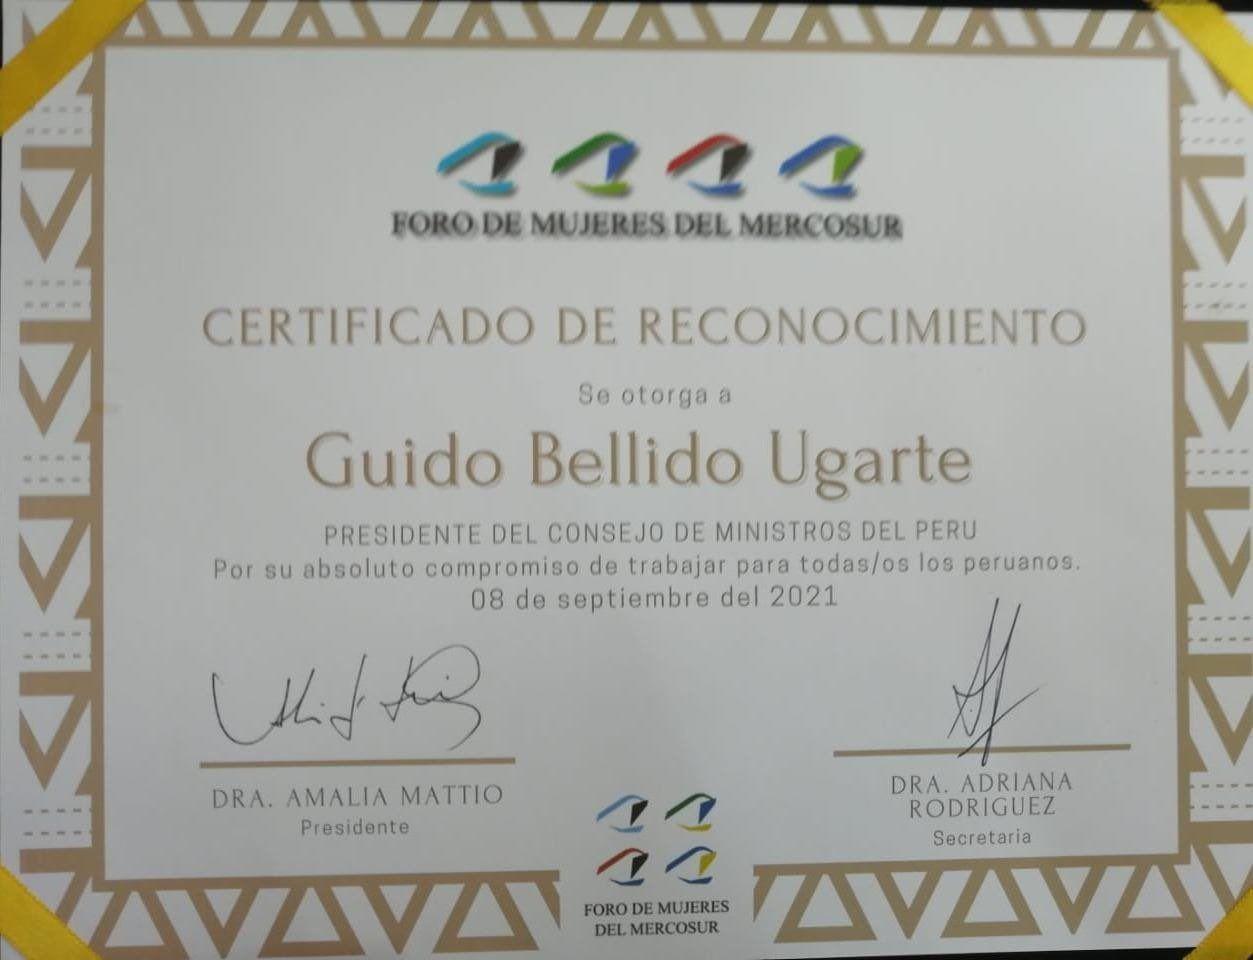 Cartificado recibido por Guido Bellido.